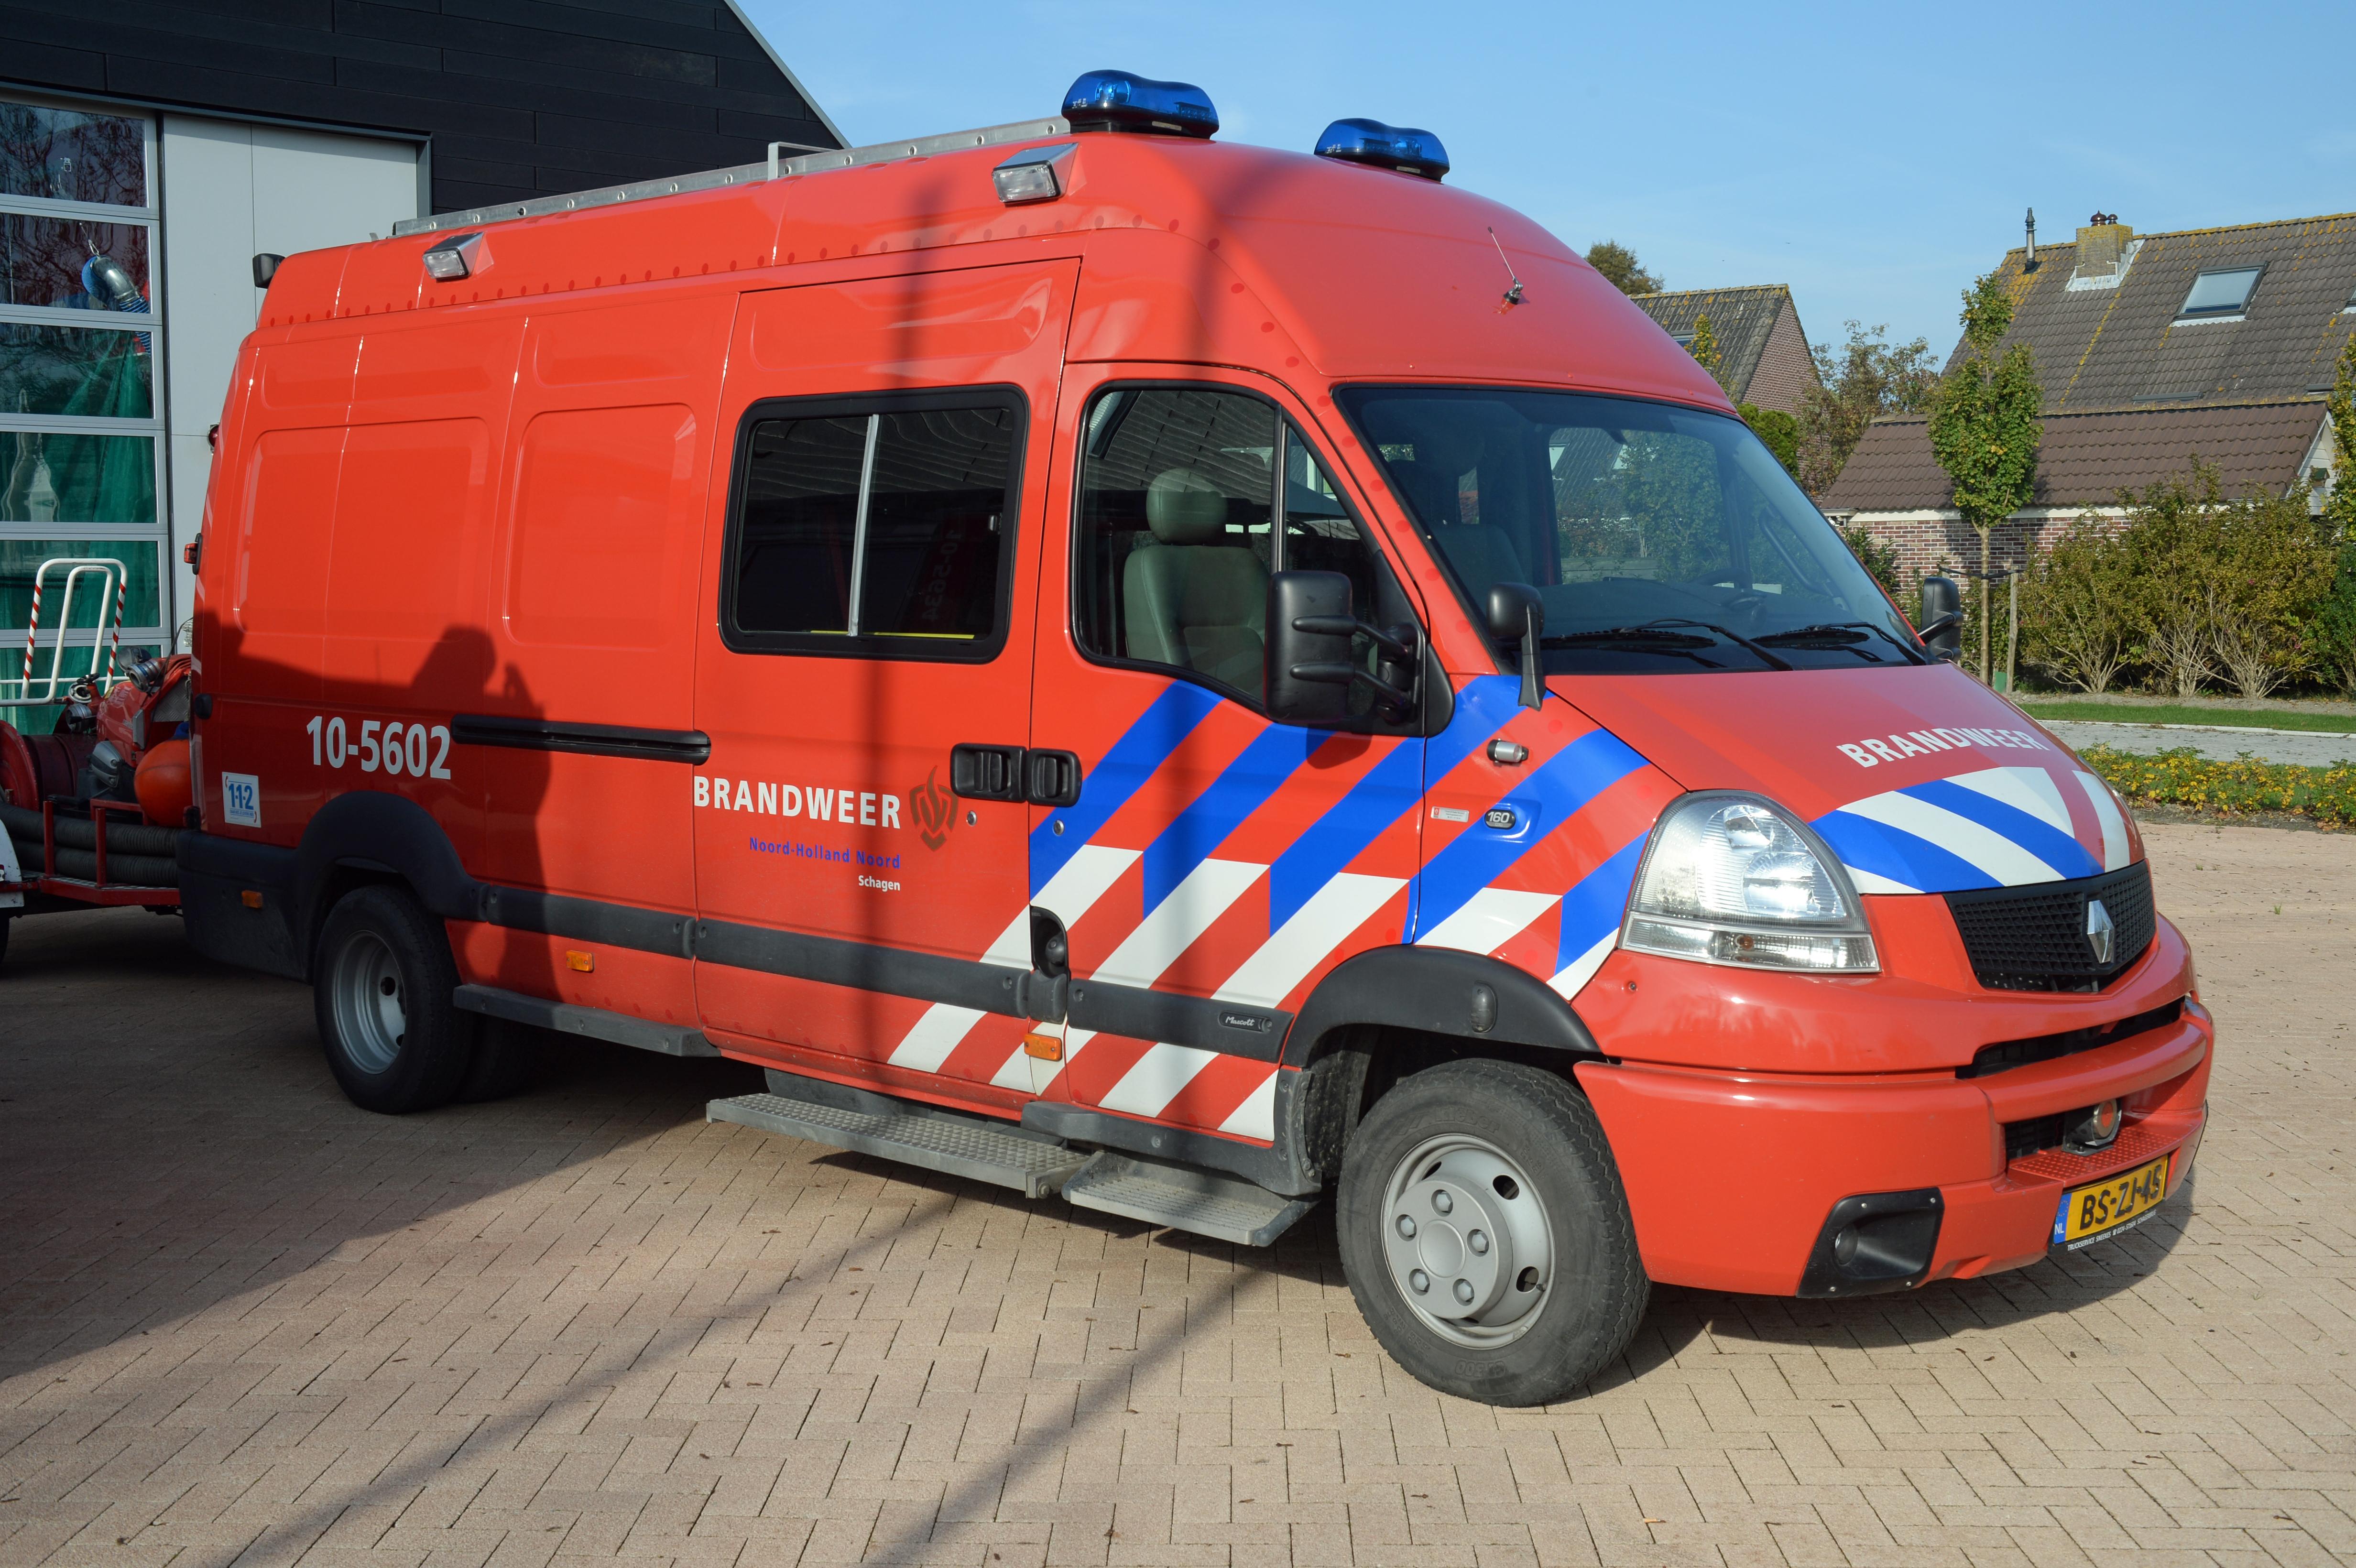 file renault mascott 160 50 10 5602 brandweer 10 5634 noord holland